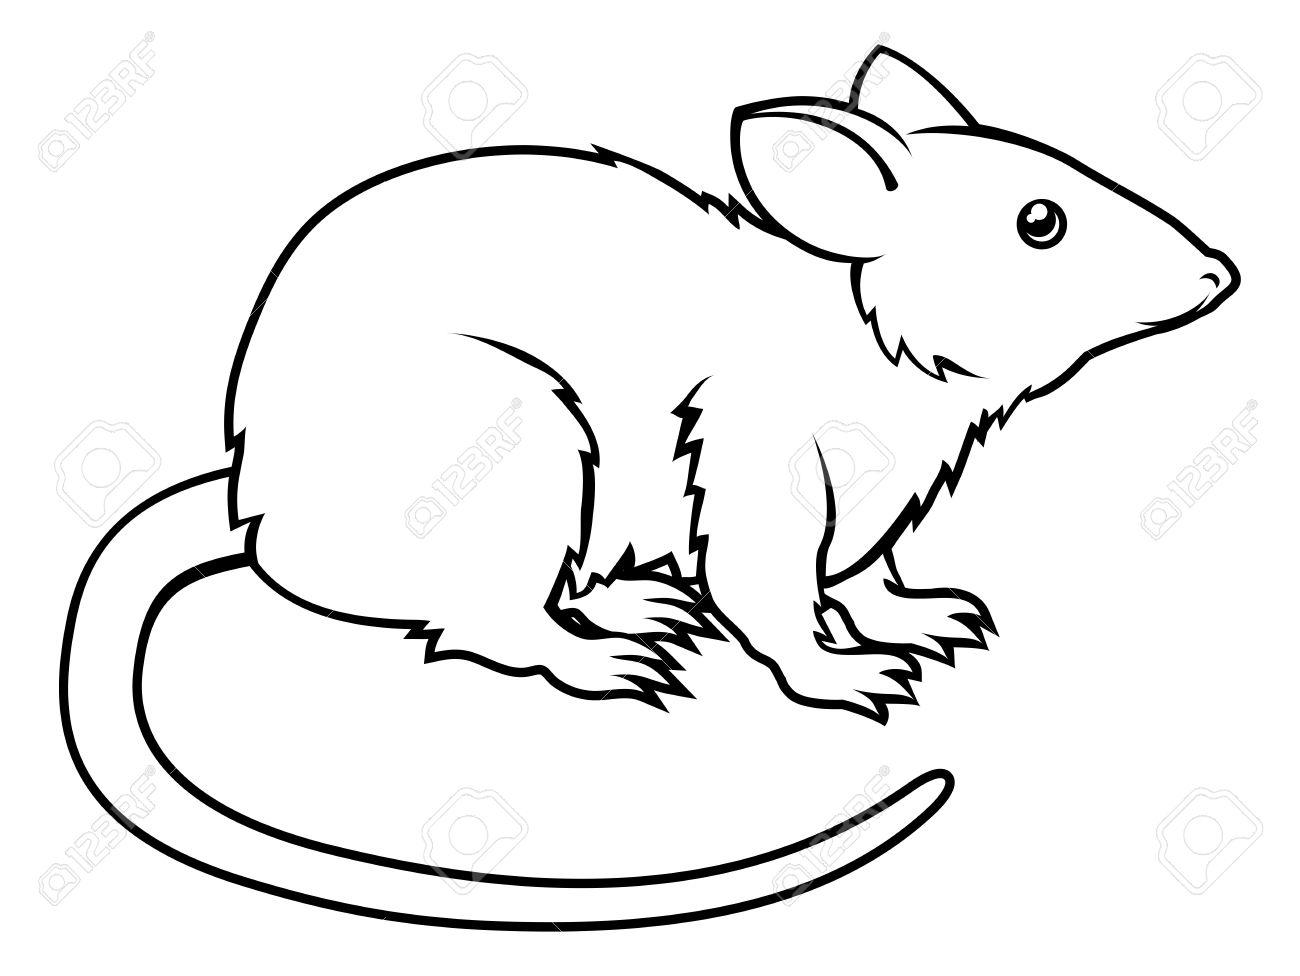 1300x976 Drawn Rat Rat Line